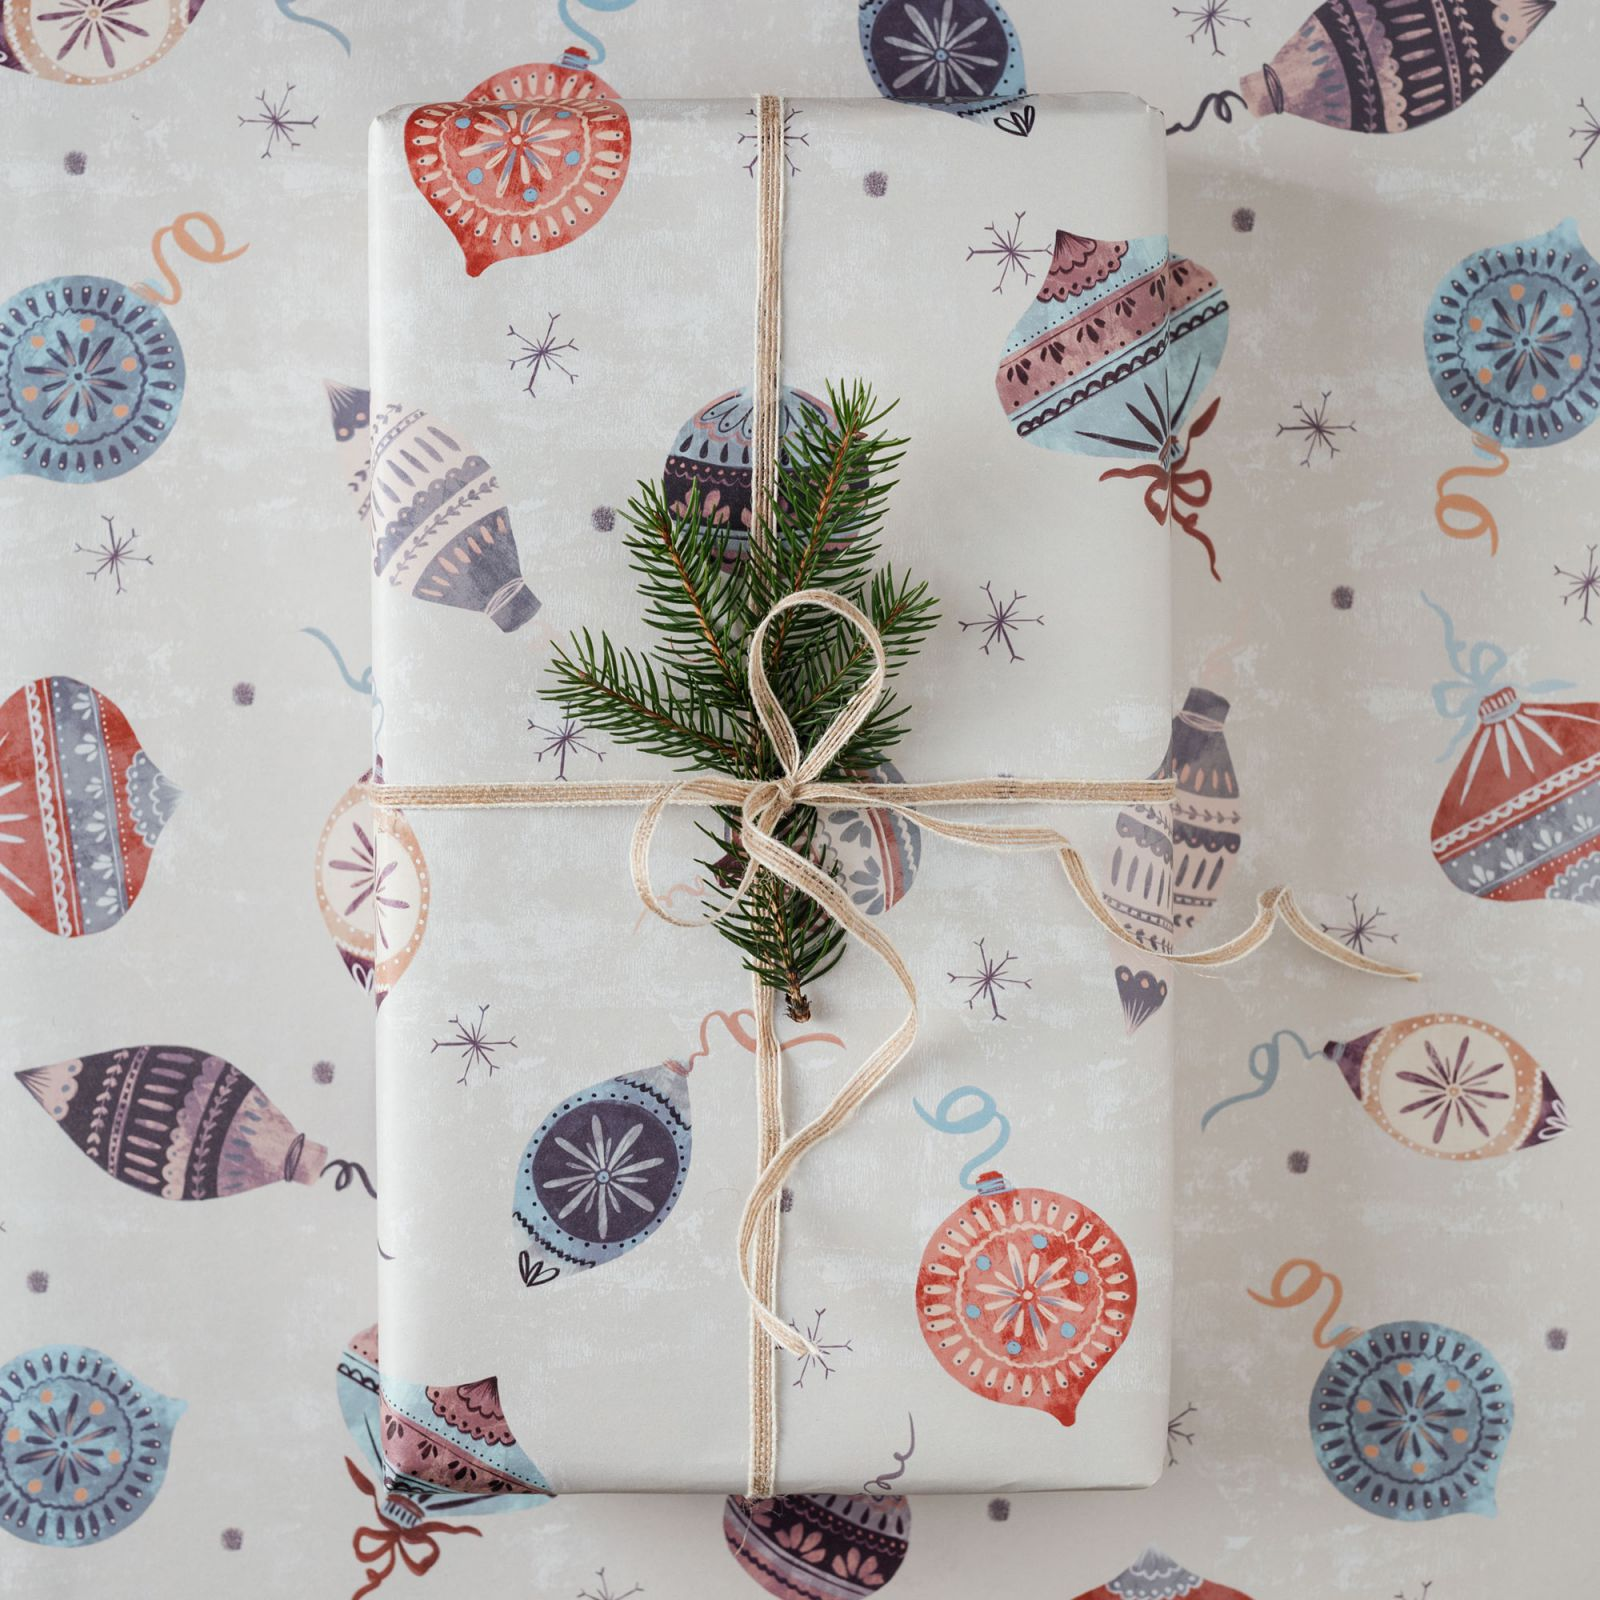 Papier Pakowy Christmas Baubles